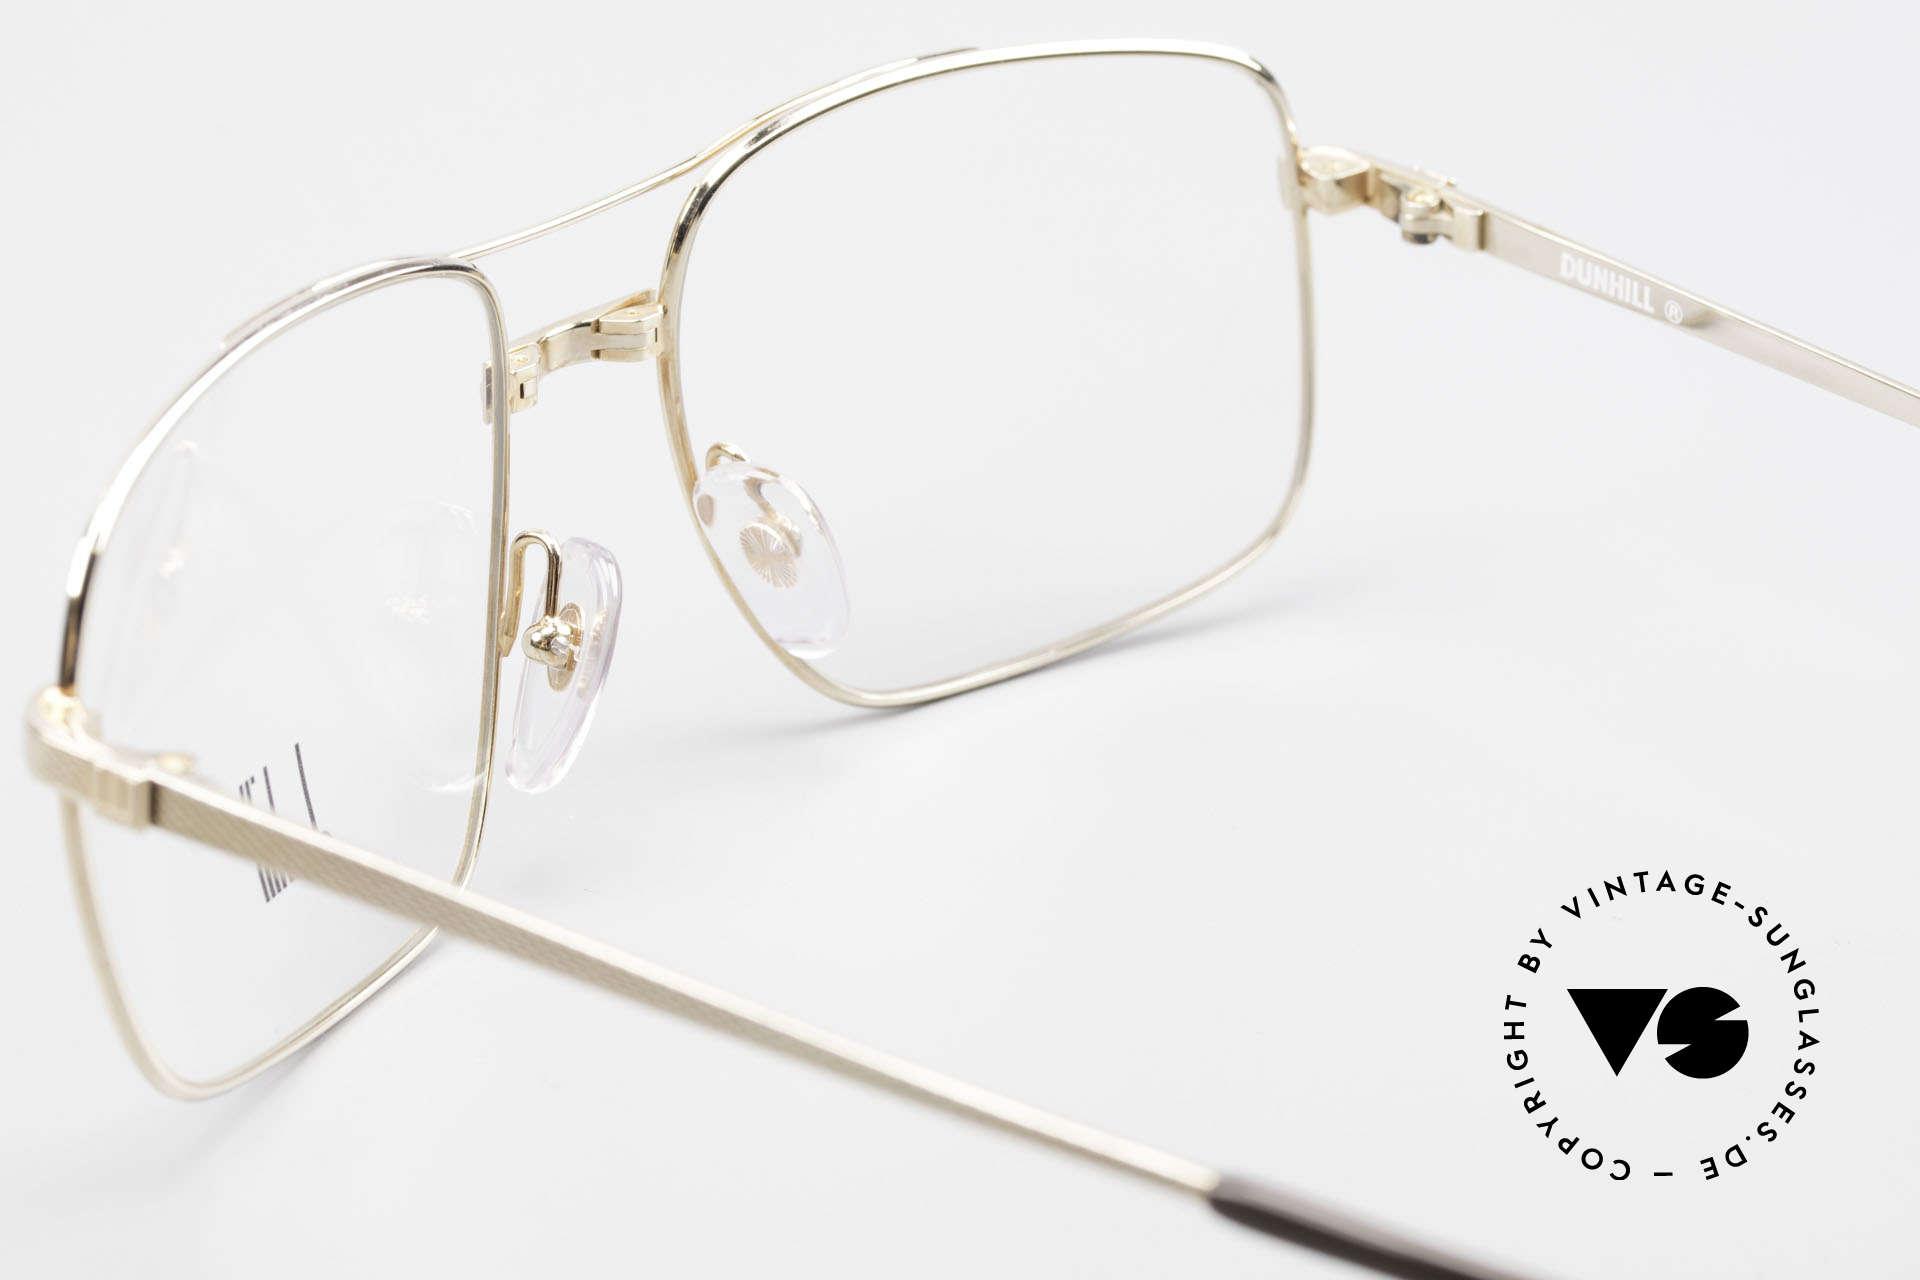 Dunhill 6048 Gold Plated 80's Eyeglasses, NO RETRO eyeglasses, but a precious old ORIGINAL, Made for Men